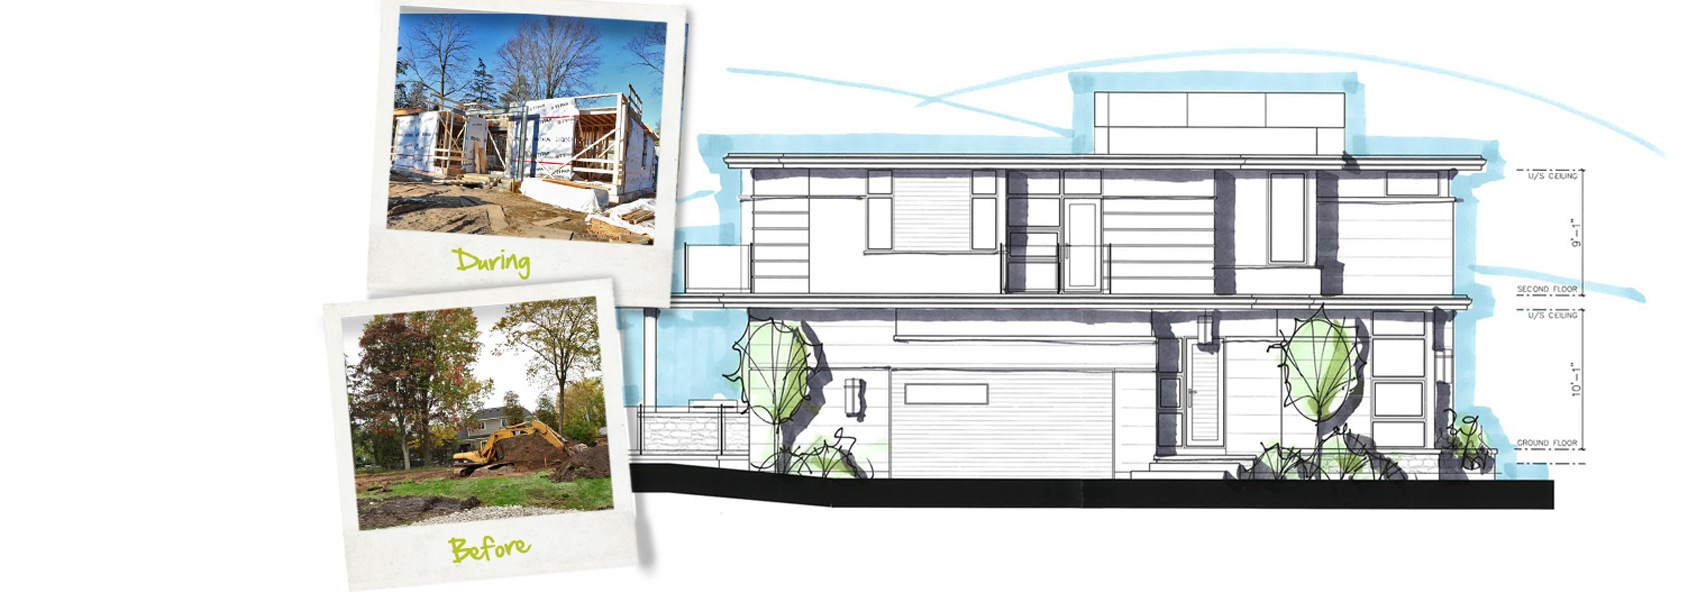 1395 Lakeshore building plans